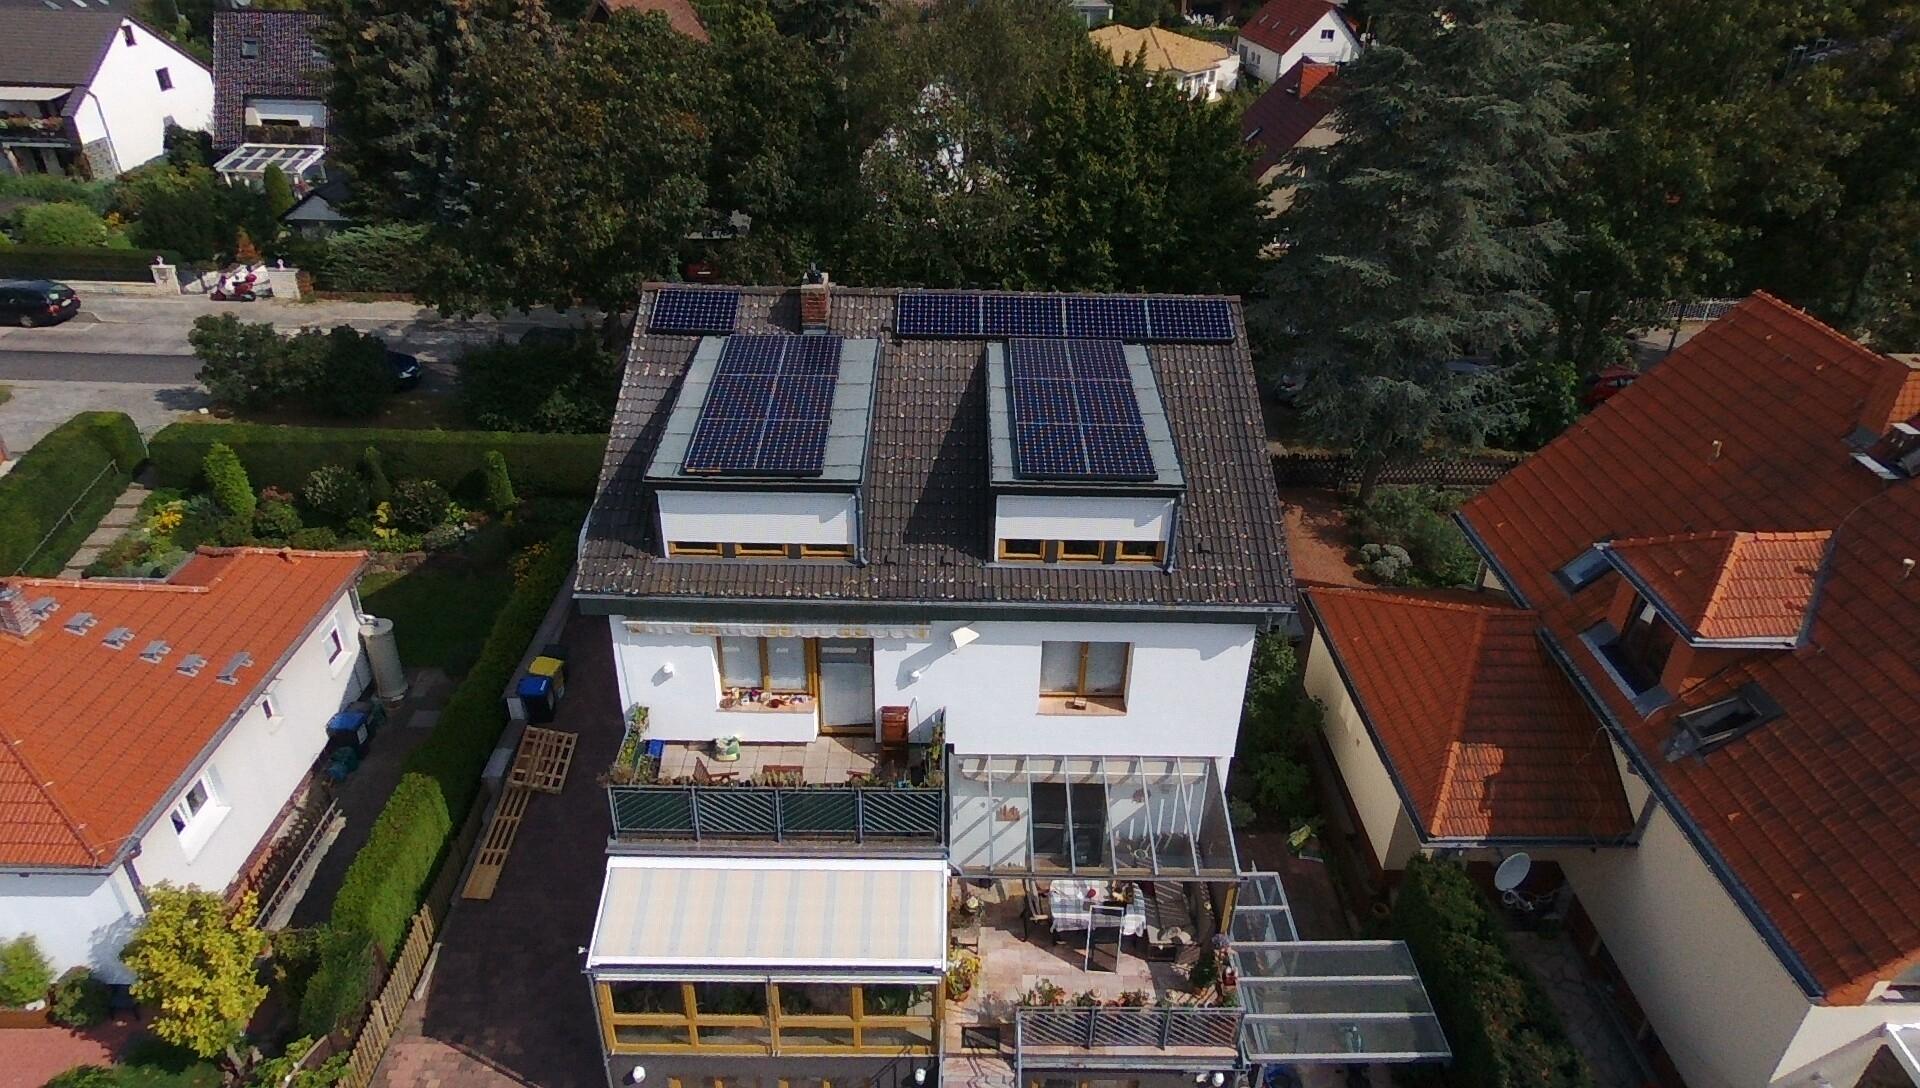 5,559 kWp Sunpower mit Solaredge Wechselrichter in Zusammenarbeit mit einem BHKW, 10 kWh Li Senec Speicher und Senec.Cloud in Berlin Rudow